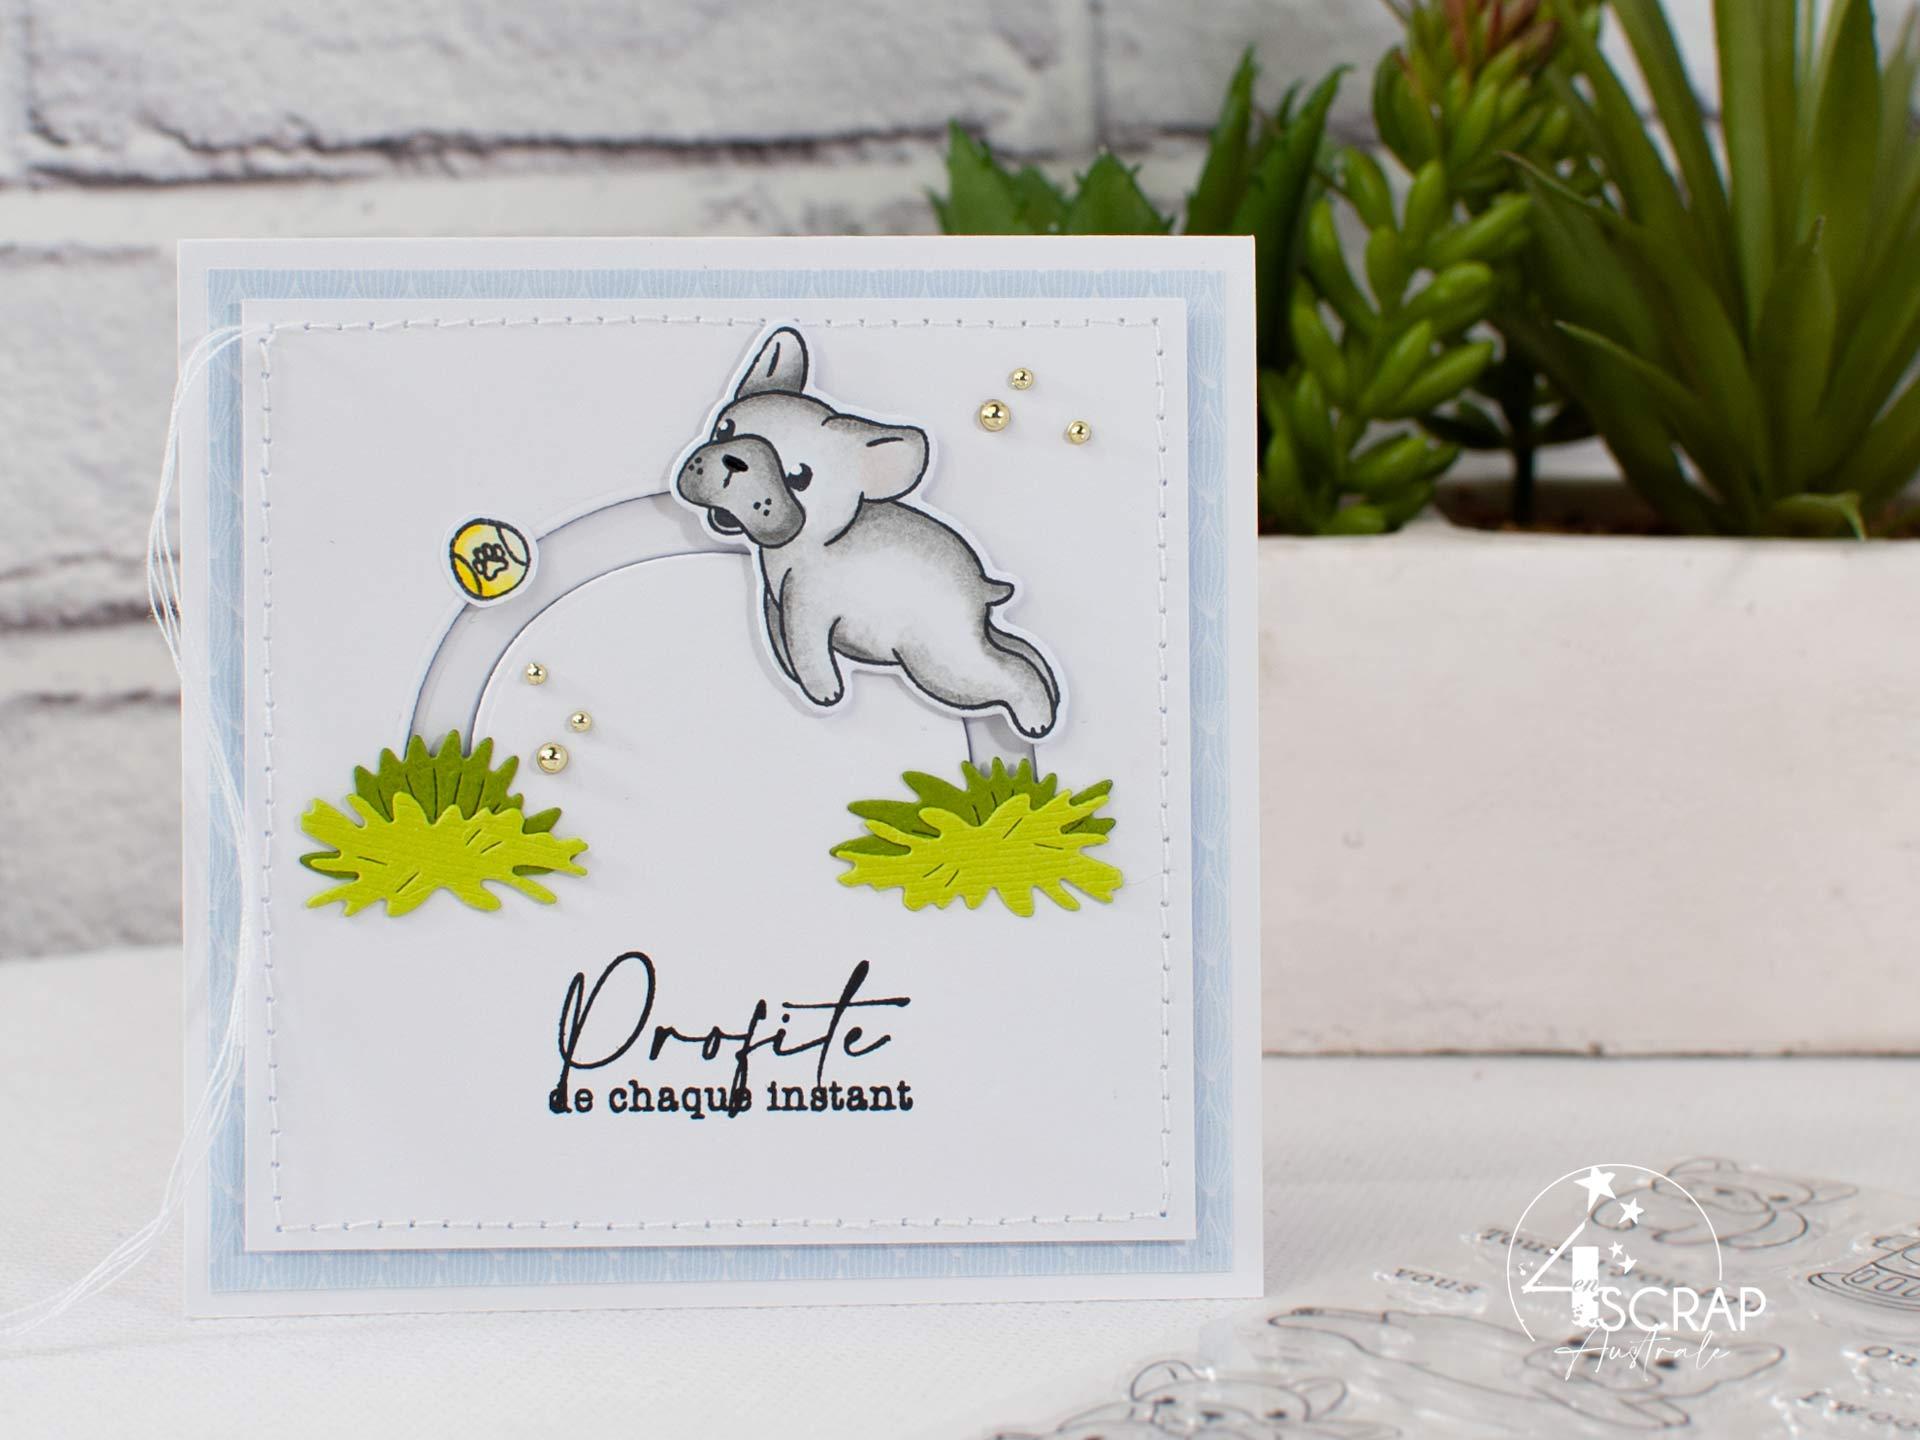 Carte slider avec un adorable bouledogue qui saute pour attraper sa balle.